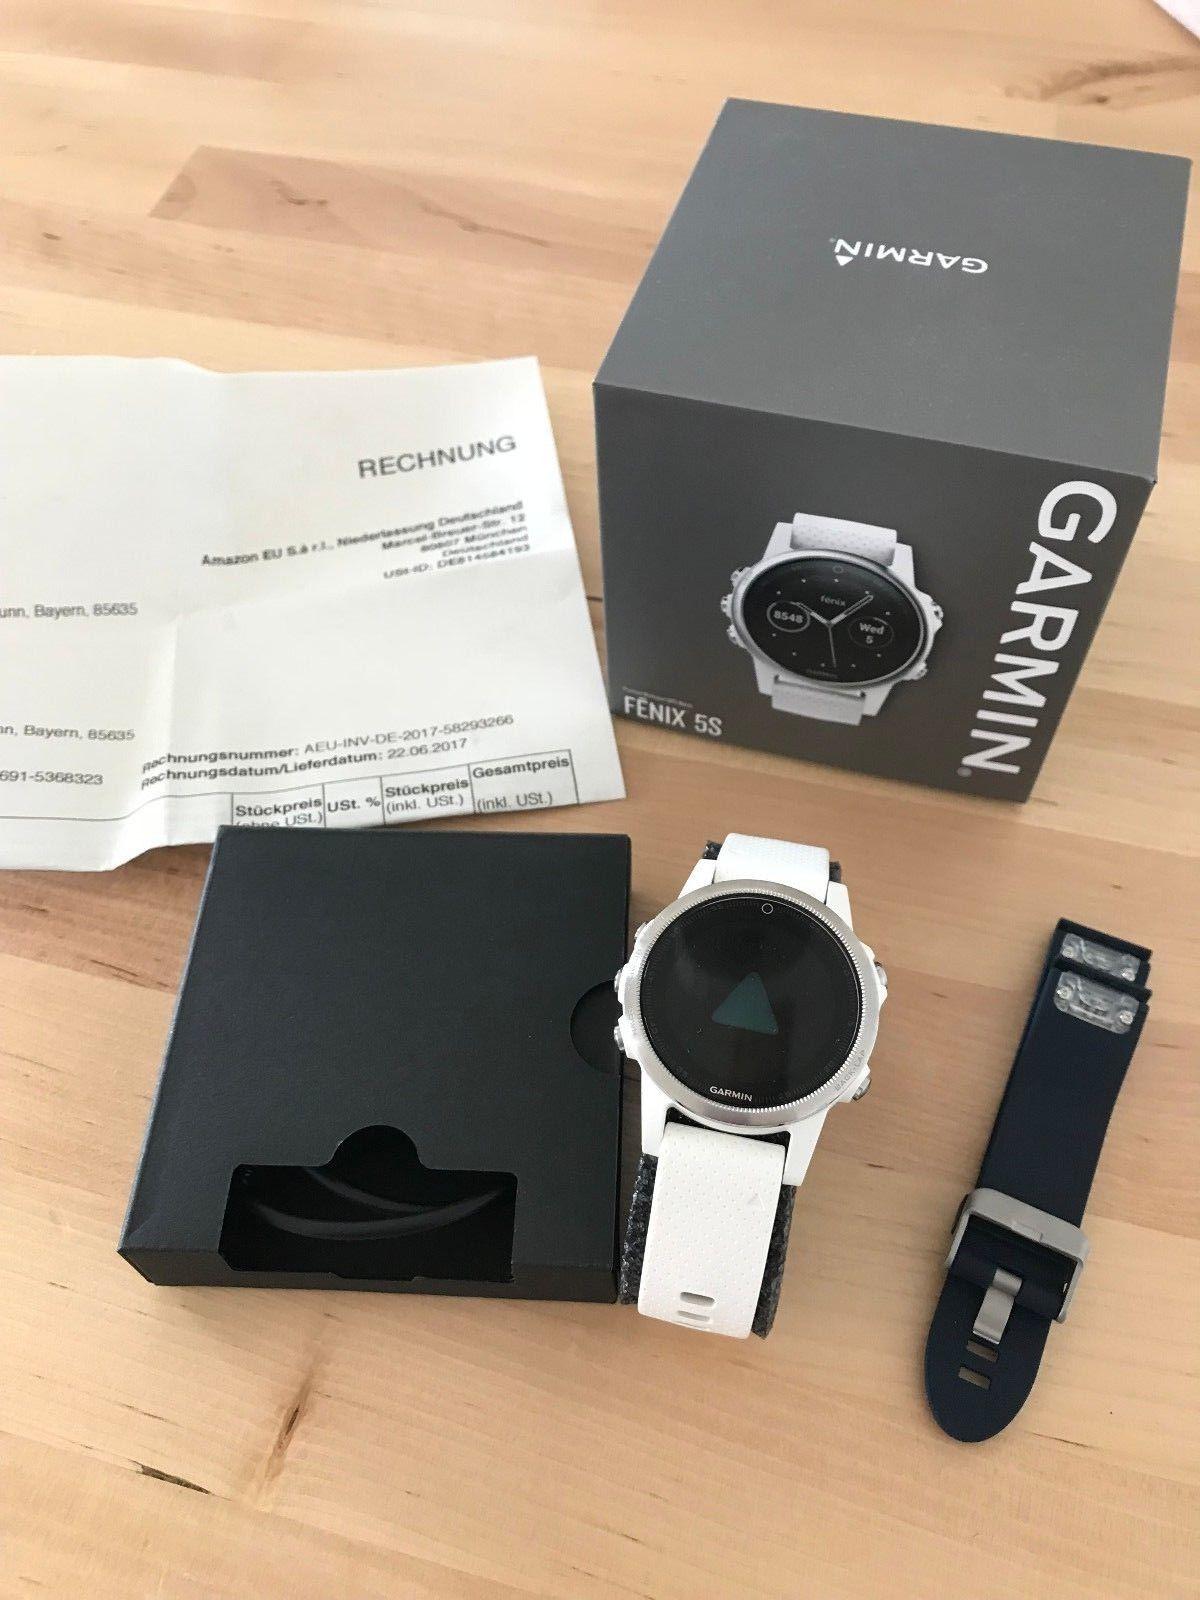 Garmin Fenix 5S silber/weiß & blaues Armband, gebraucht,Top-Zustand! NP 644,99€